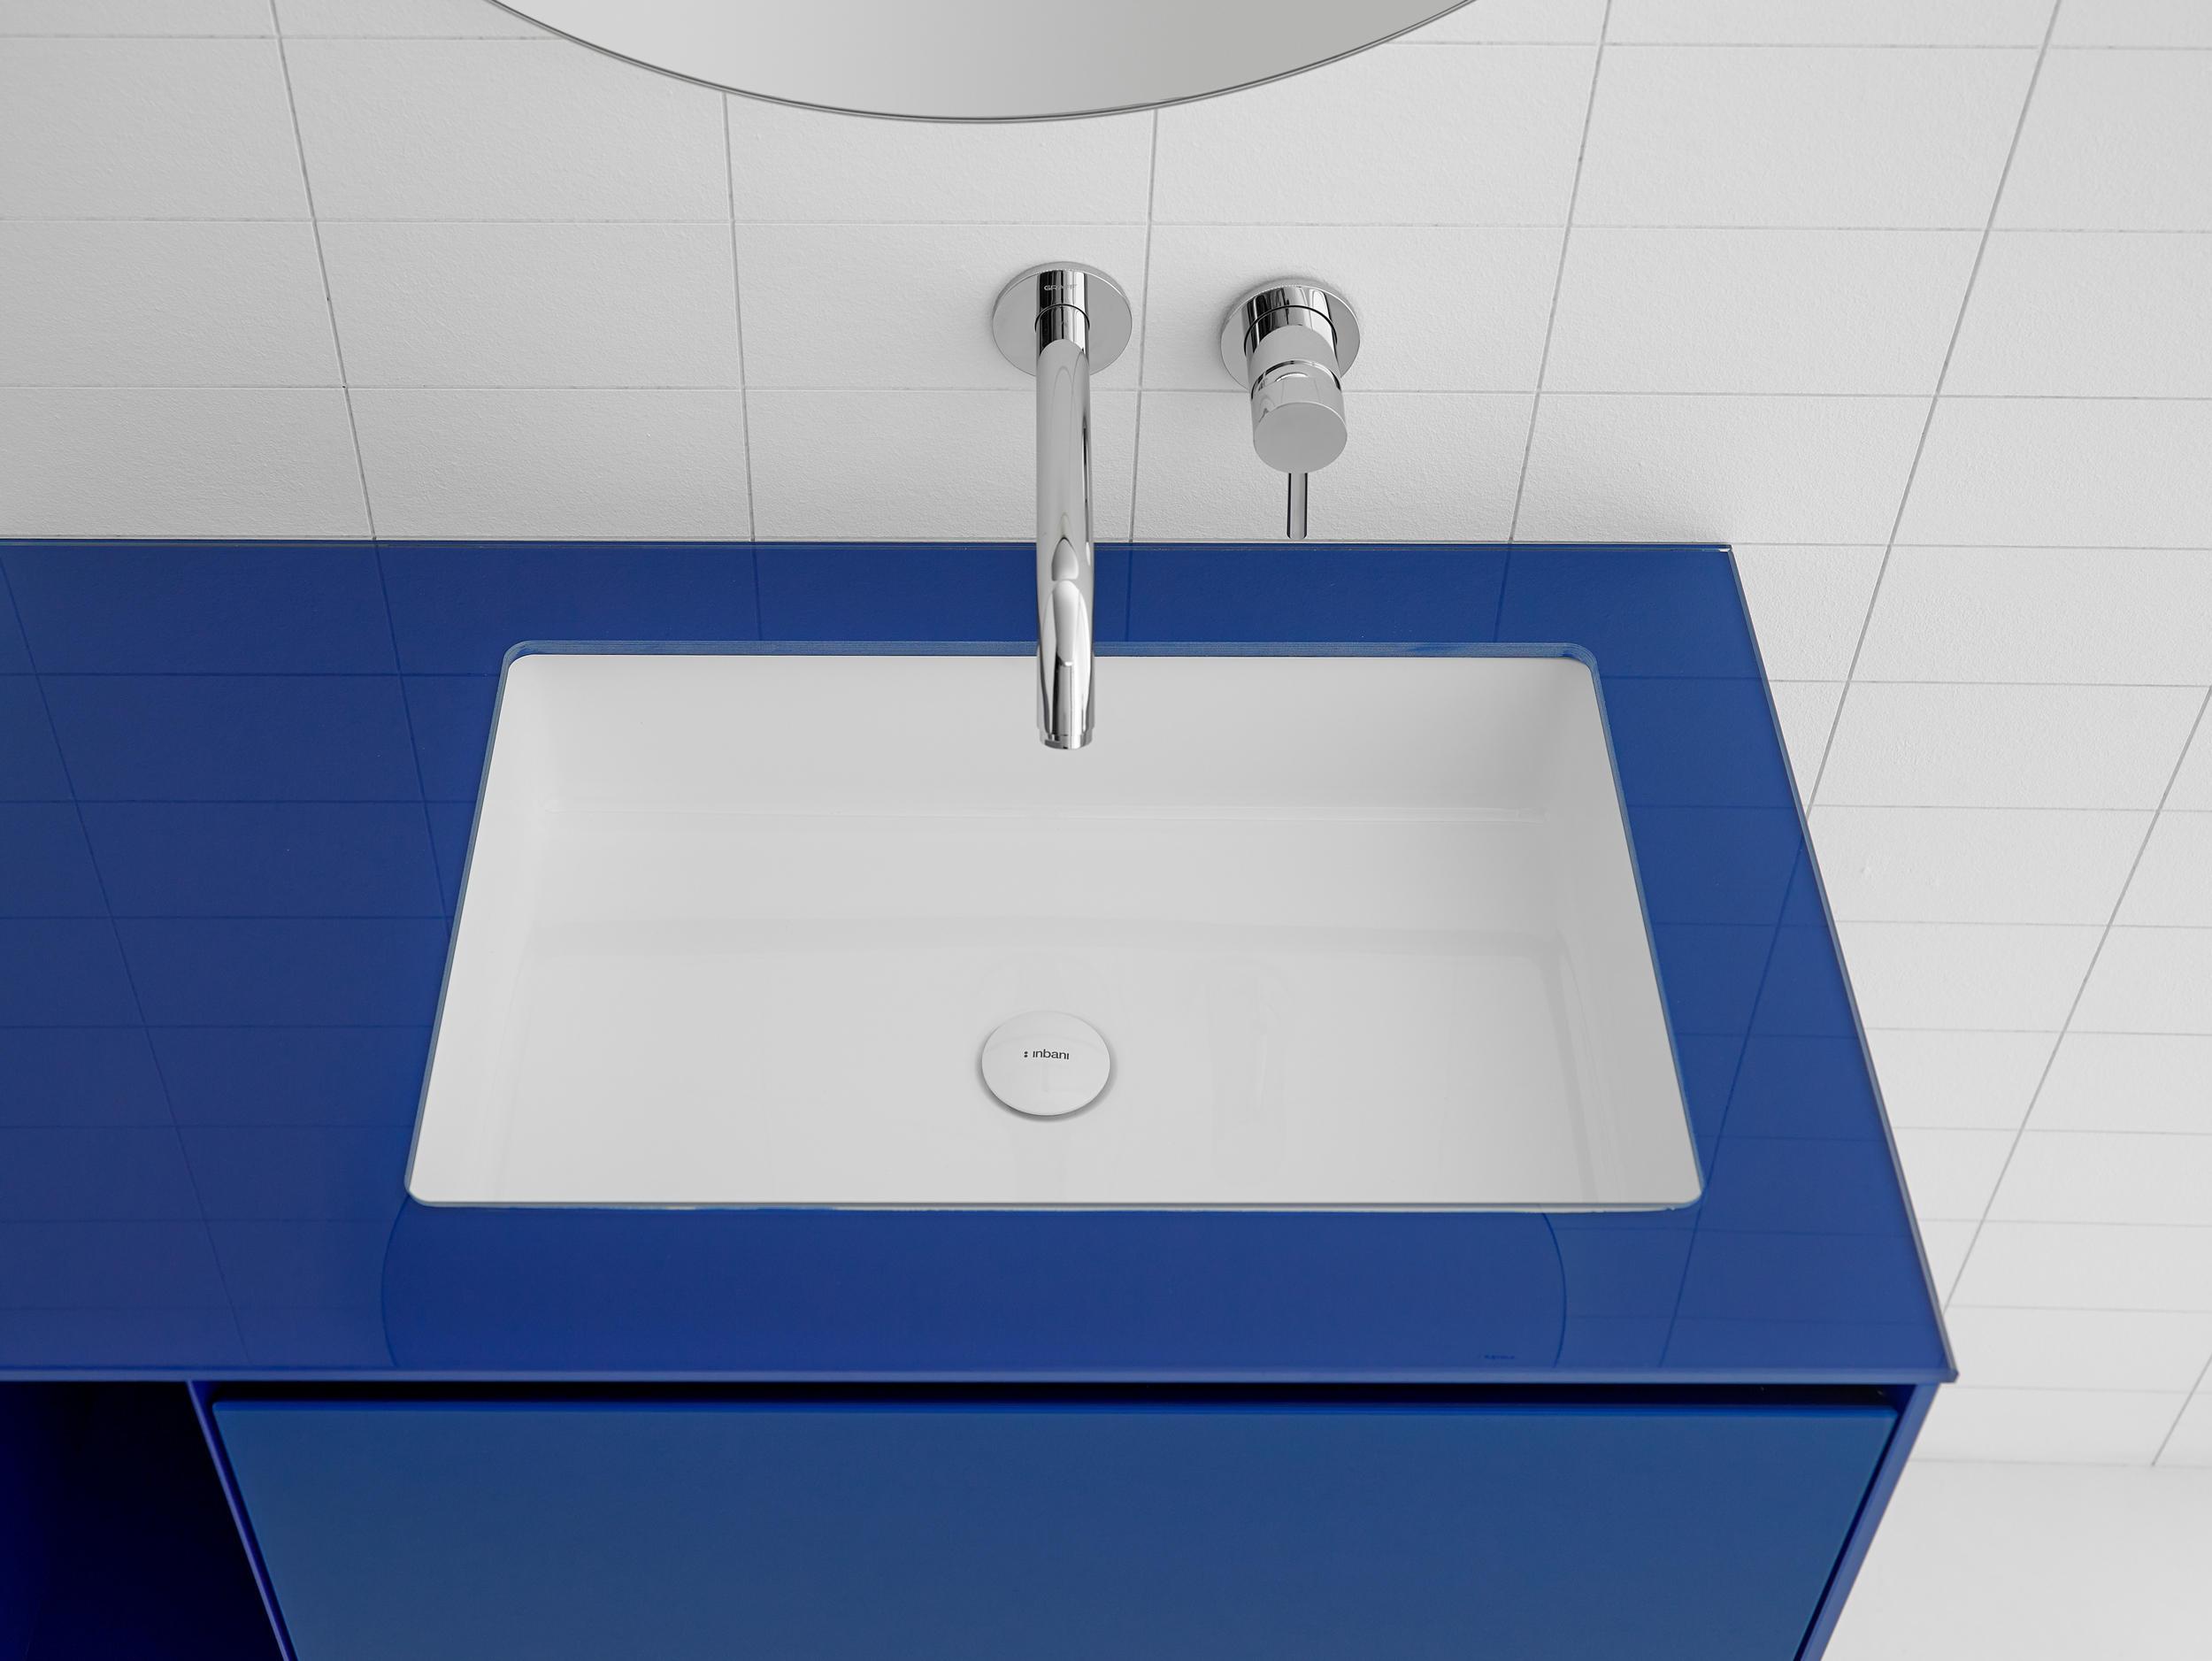 Merveilleux Glaze Rectangular Undermount Ceramilux® Sink By Inbani | Wash Basins